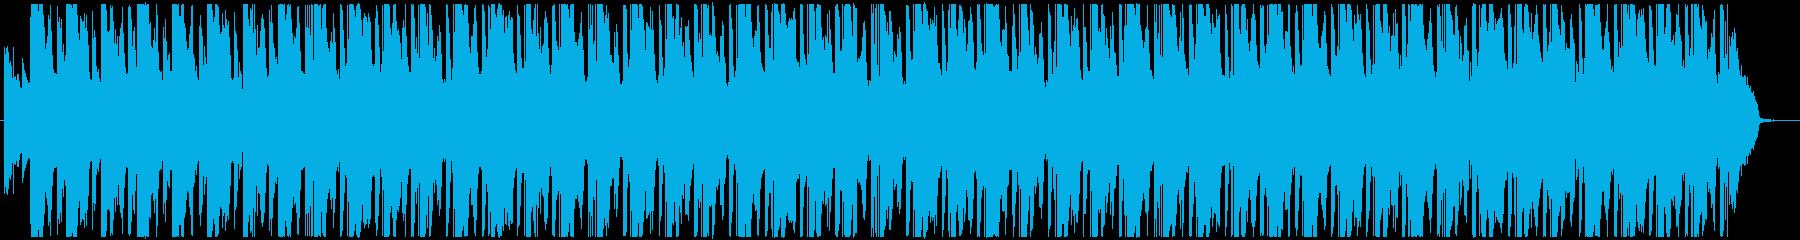 生アコギとシンセの希望を感じるポップスの再生済みの波形